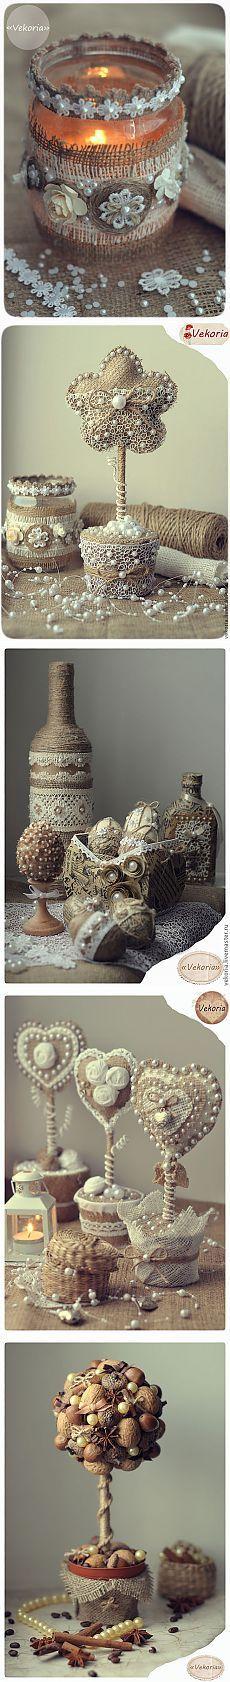 Винтажные работы из мешковины, кружева, джута и кофейных зерен. Мастер-класс по подсвечнику от Виктории Сакур.